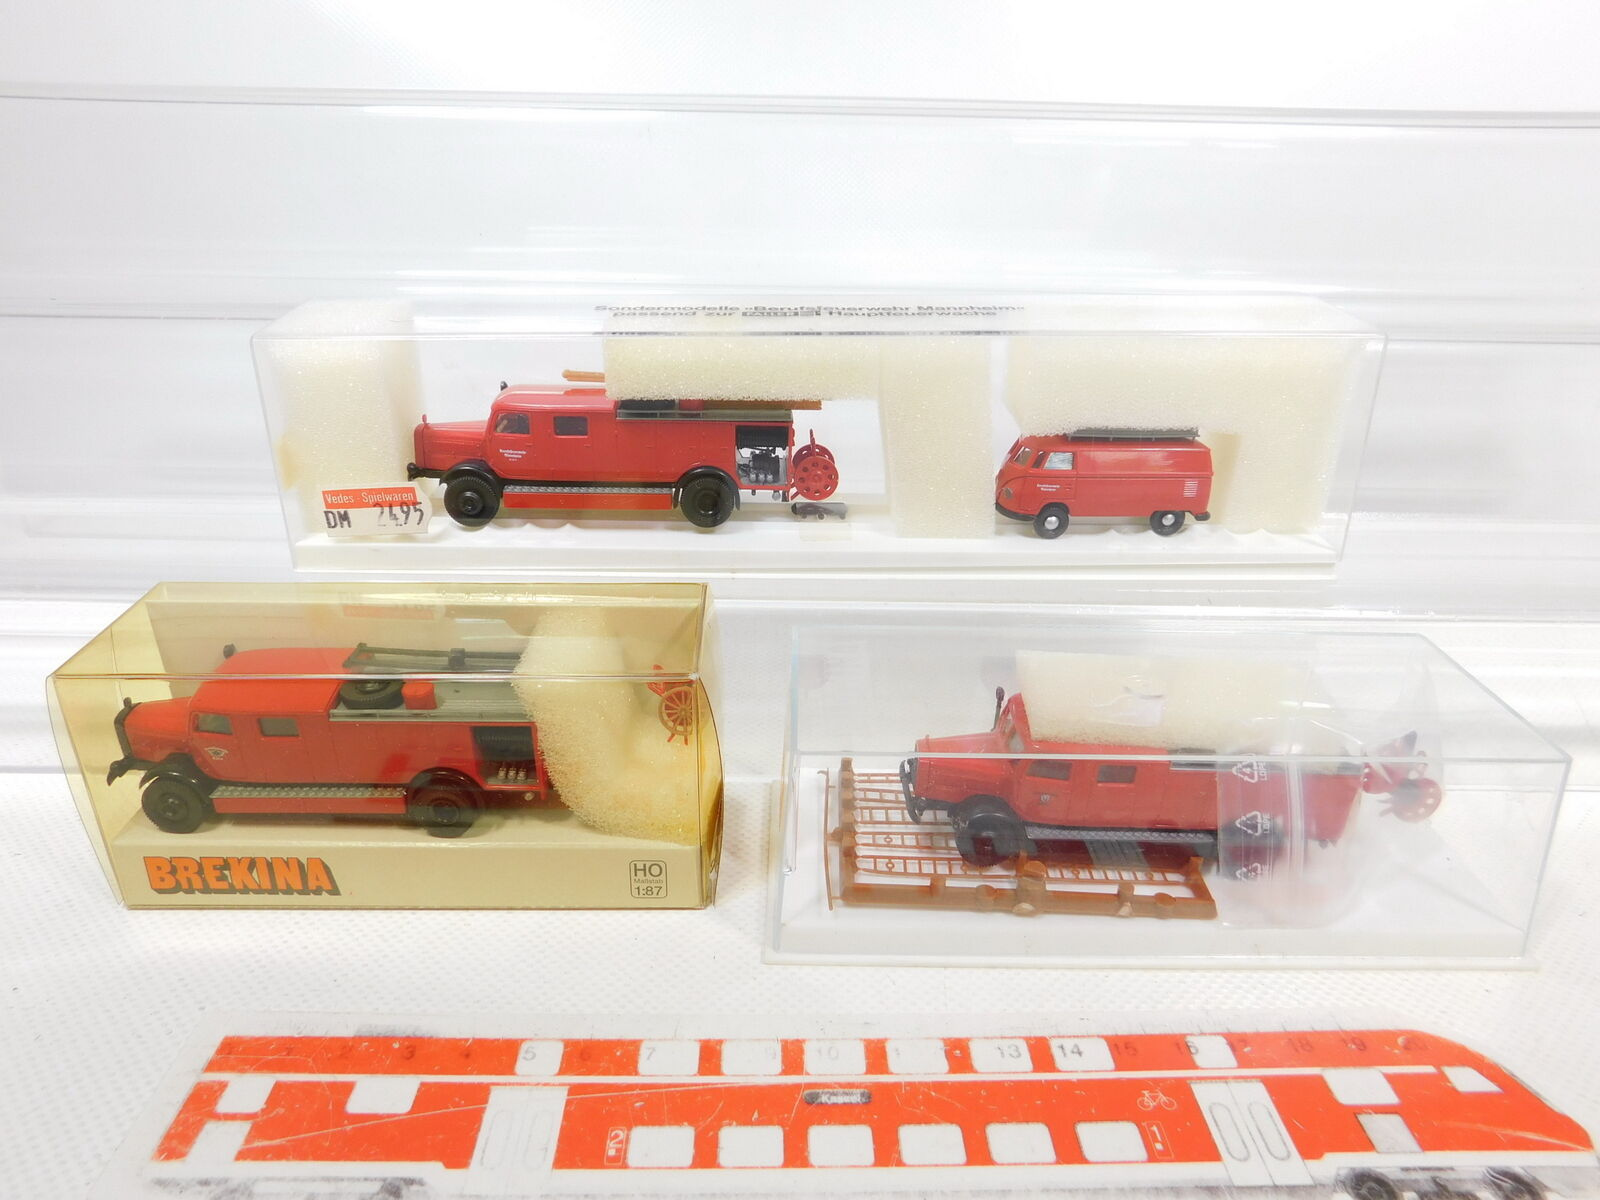 vendite online Ca336-0, 5  3x Brekina 1 1 1 87 h0 FW-modellololo MB VW  44252 Colonia + 4428 + 9010, P. G + OVP  miglior reputazione